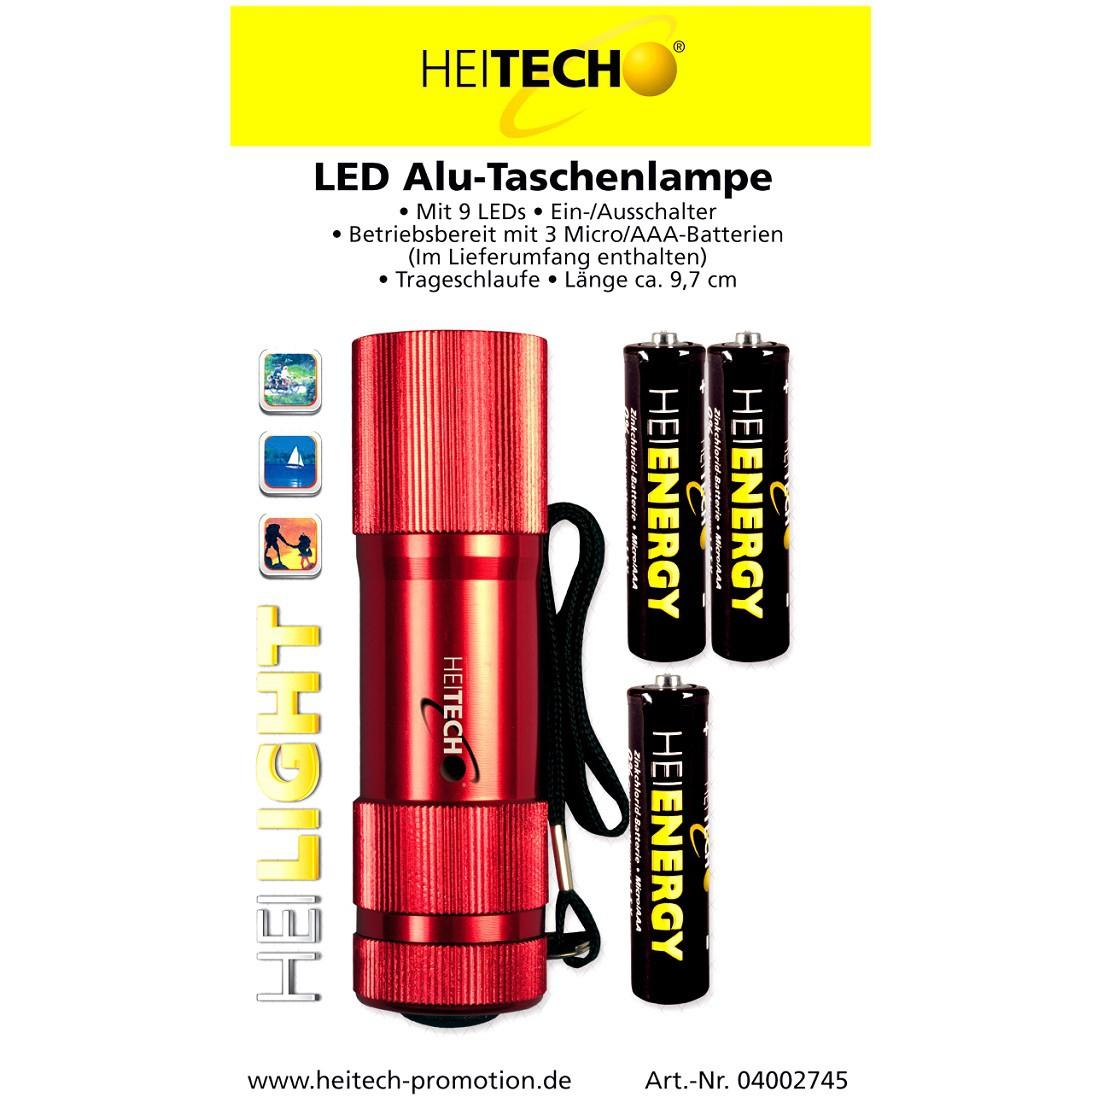 Heitech LED Alu-Taschenlampe mit 9 LEDs, inkl. Batterien - rot